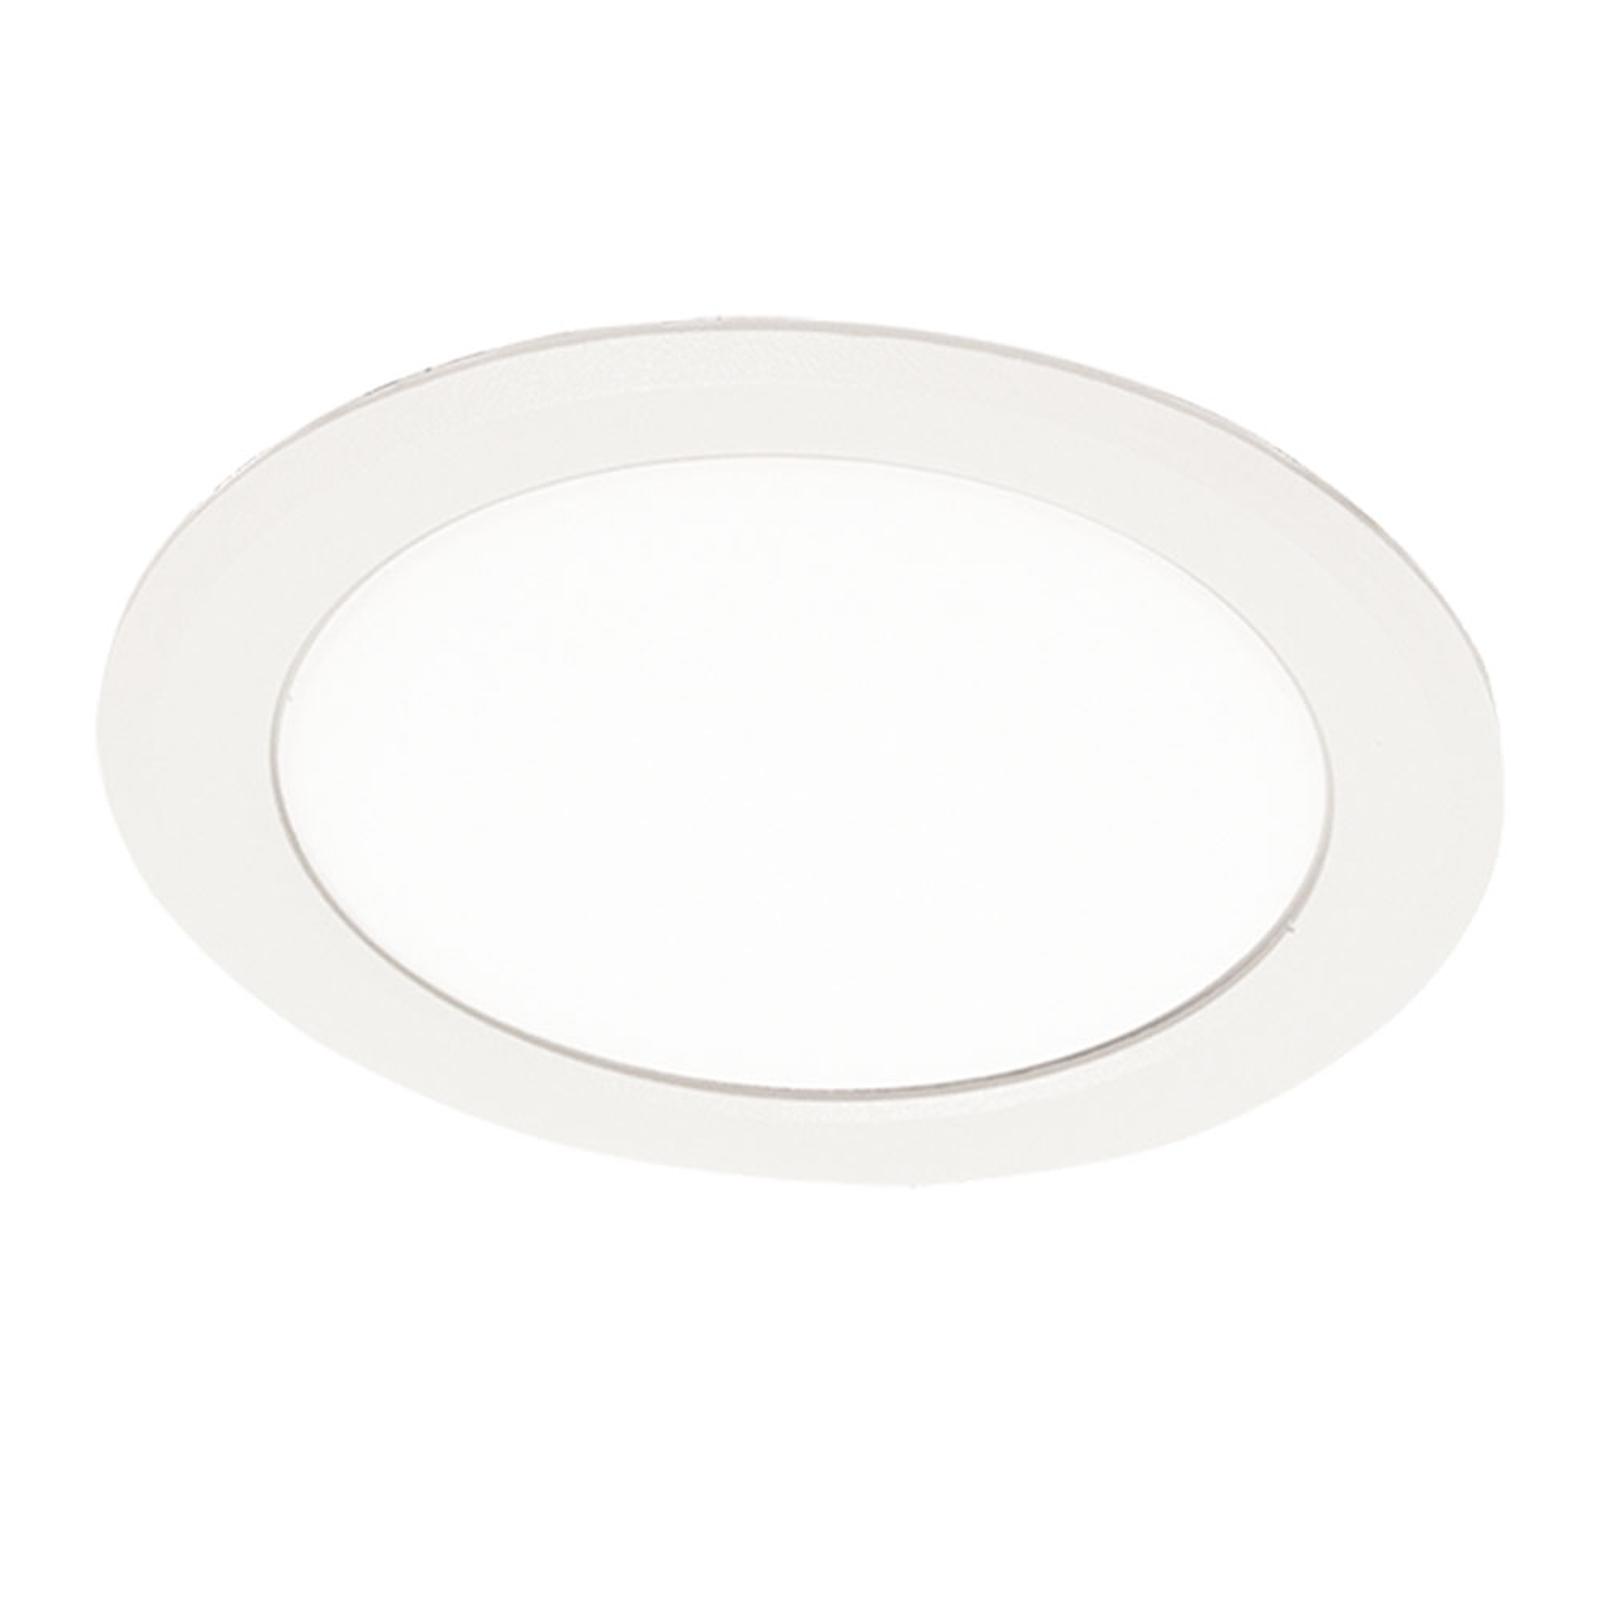 LED-uppovalaisin loda-LDESO Ø 20 cm 4000 K 2622 lm